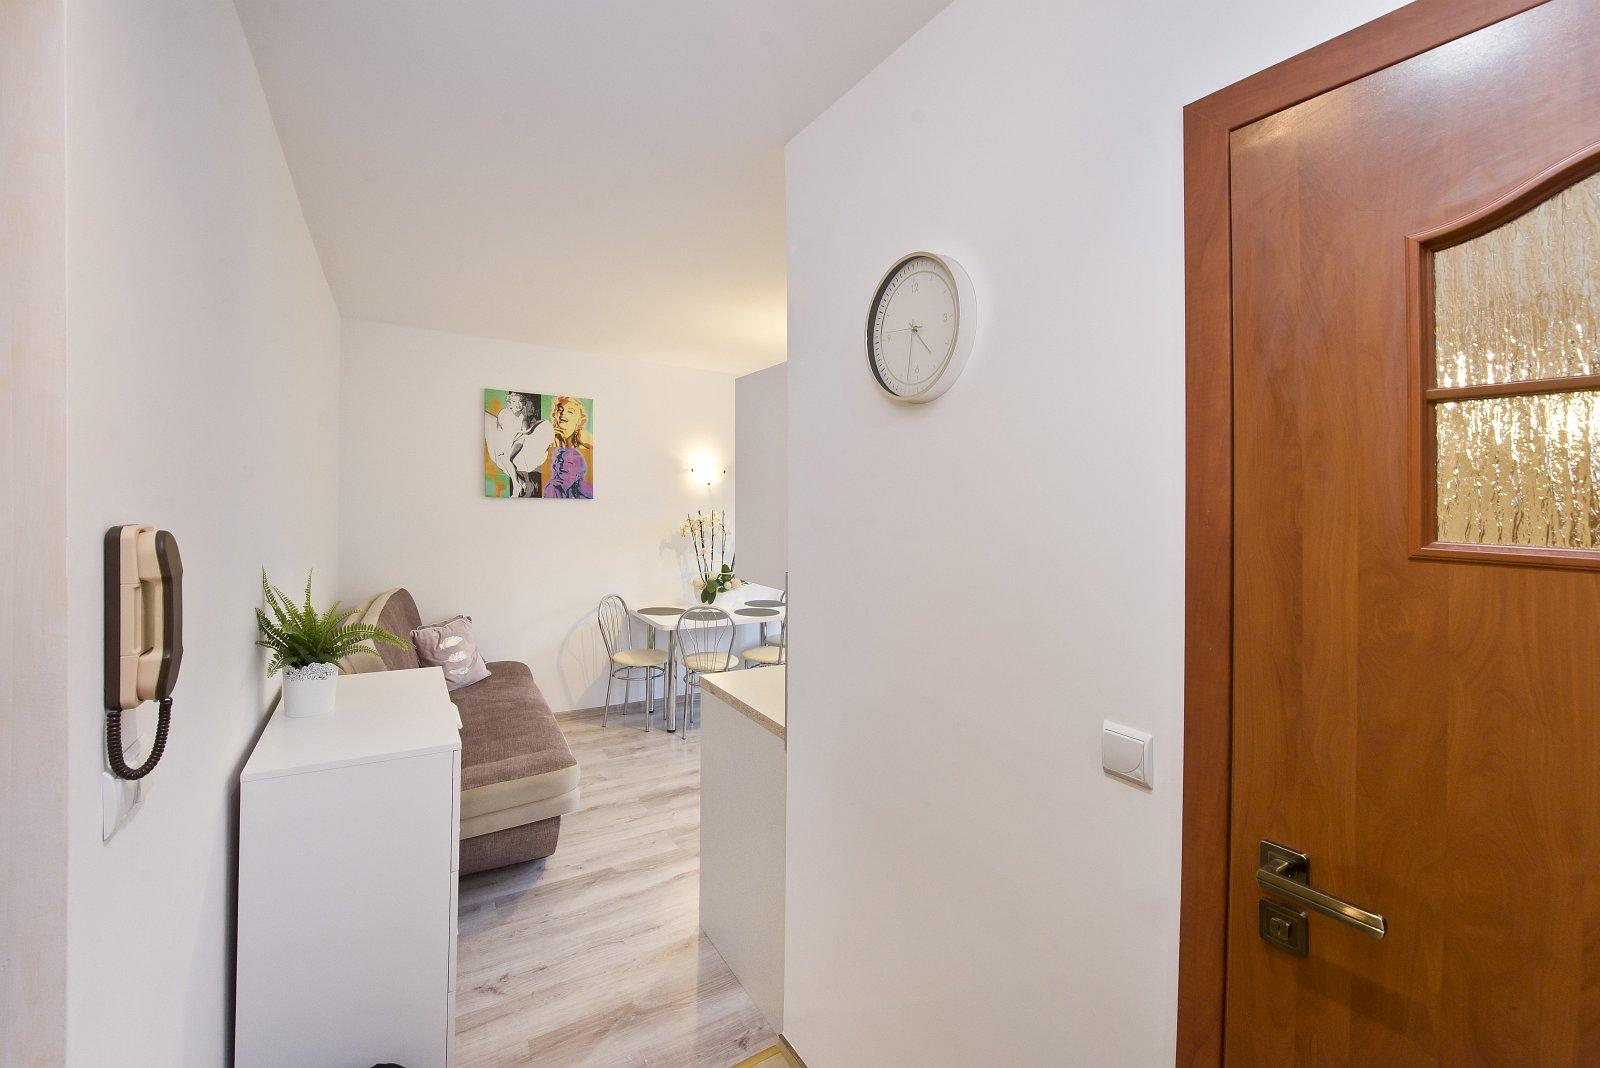 mieszkanie-wynajem-gdansk-ch-01-17web